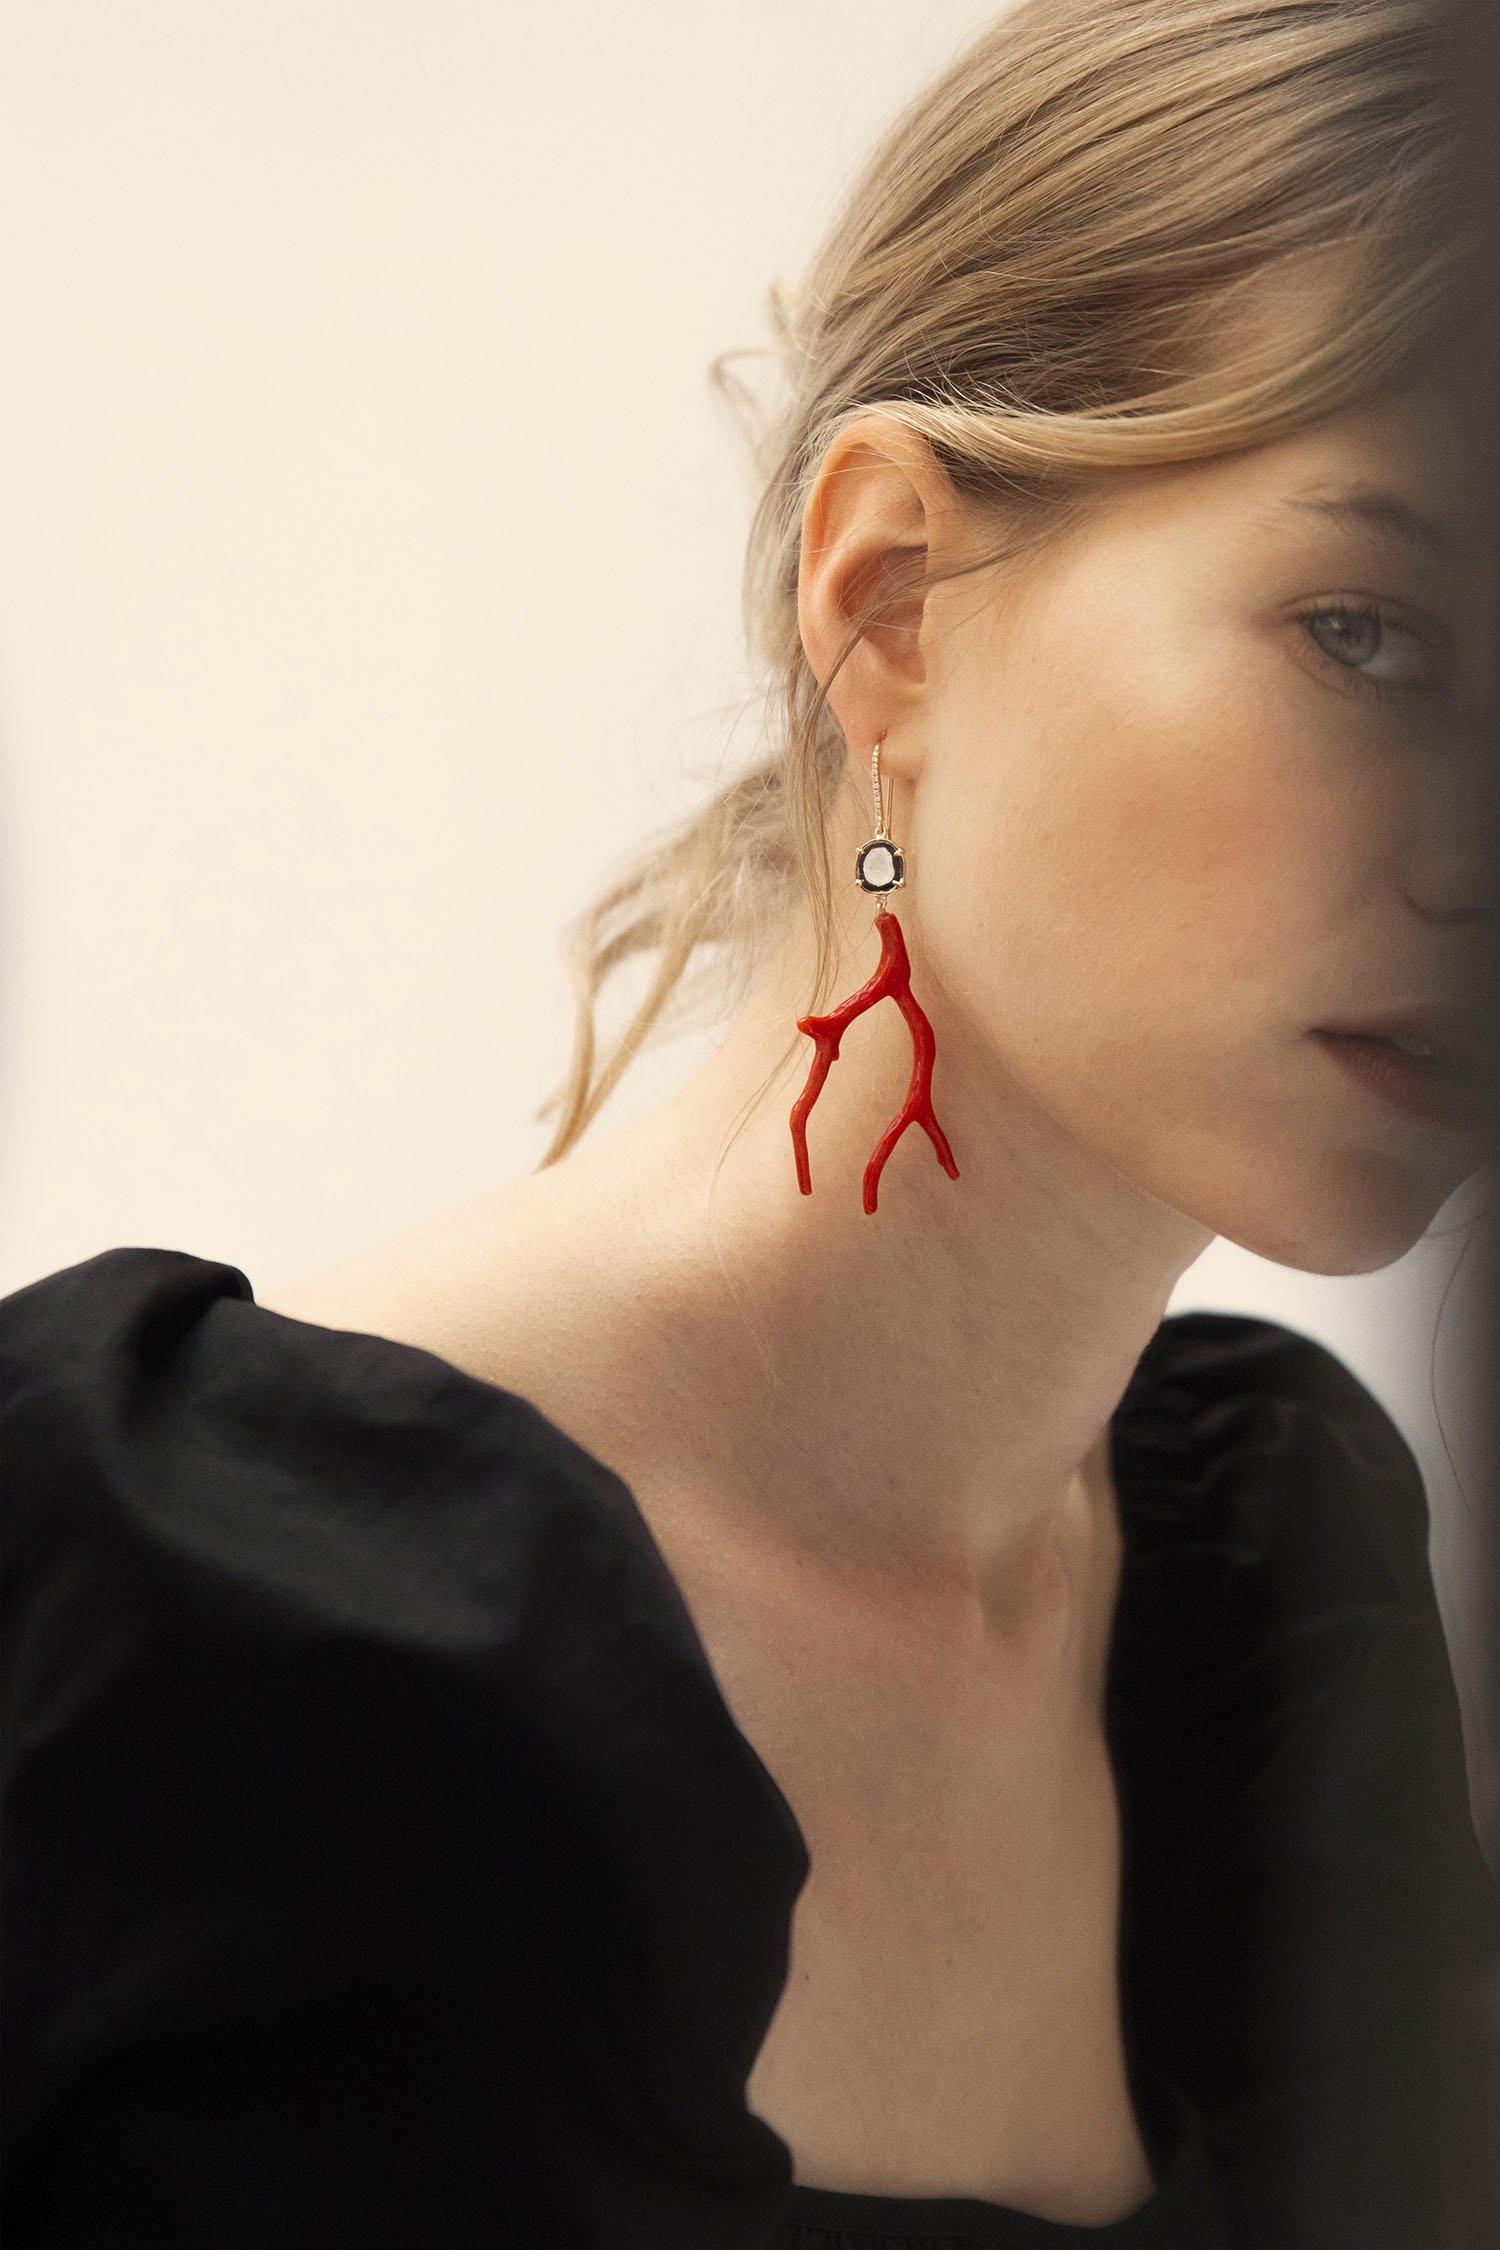 karolinevanloon-02-earrings.jpg